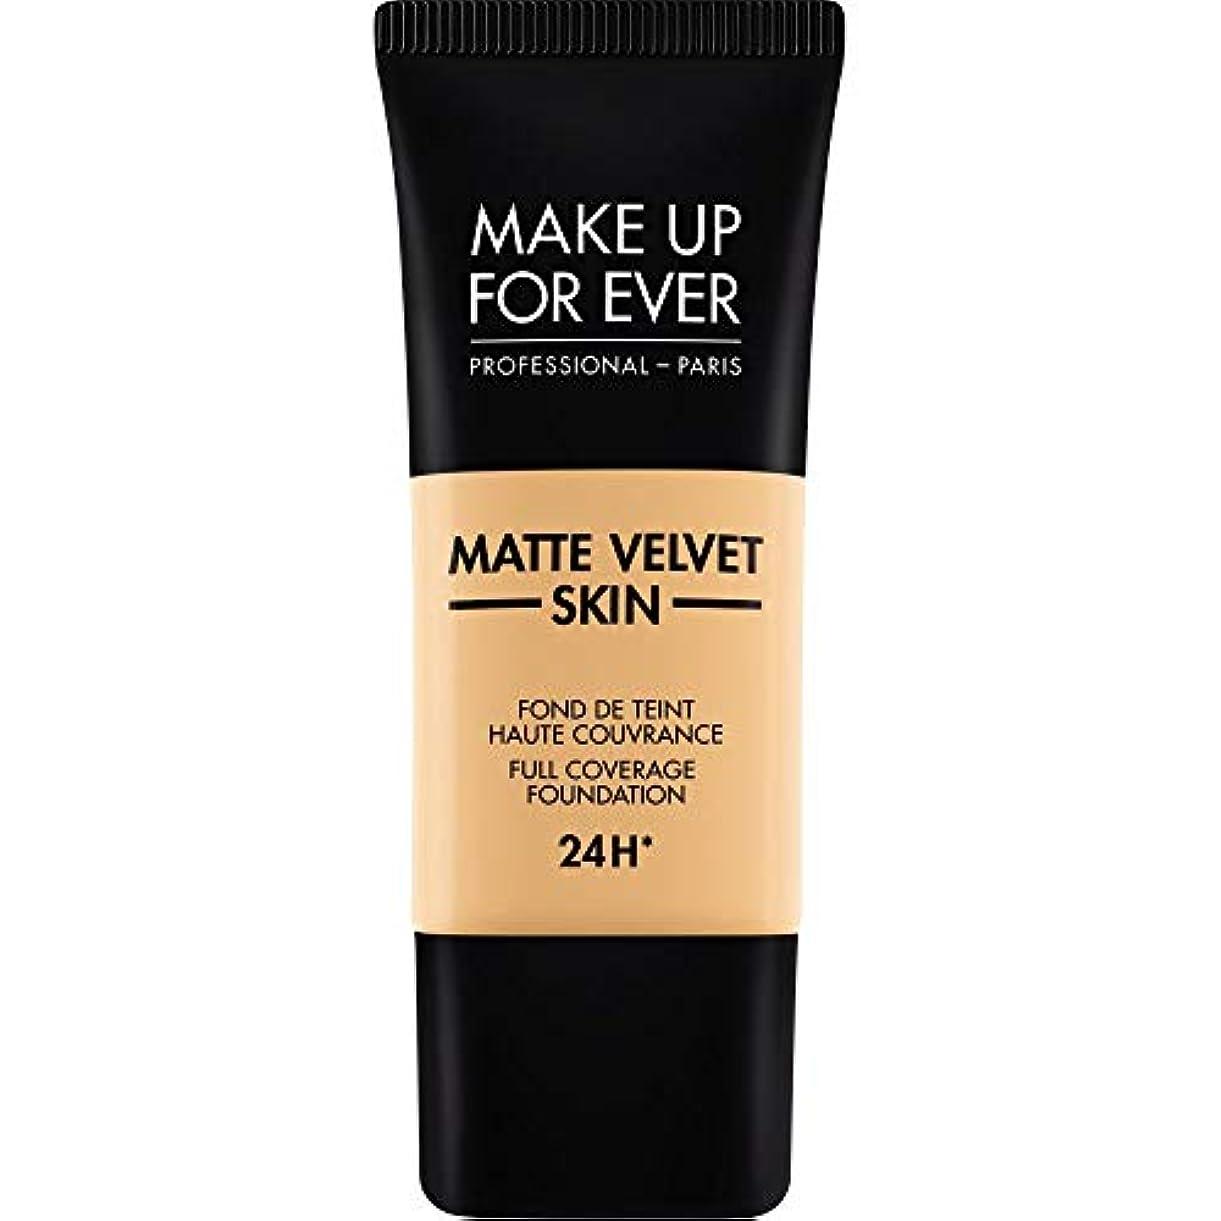 マオリロシア飲食店[MAKE UP FOR EVER ] 柔らかい砂 - これまでマットベルベットの皮膚のフルカバレッジ基礎30ミリリットルのY245を補います - MAKE UP FOR EVER Matte Velvet Skin Full...